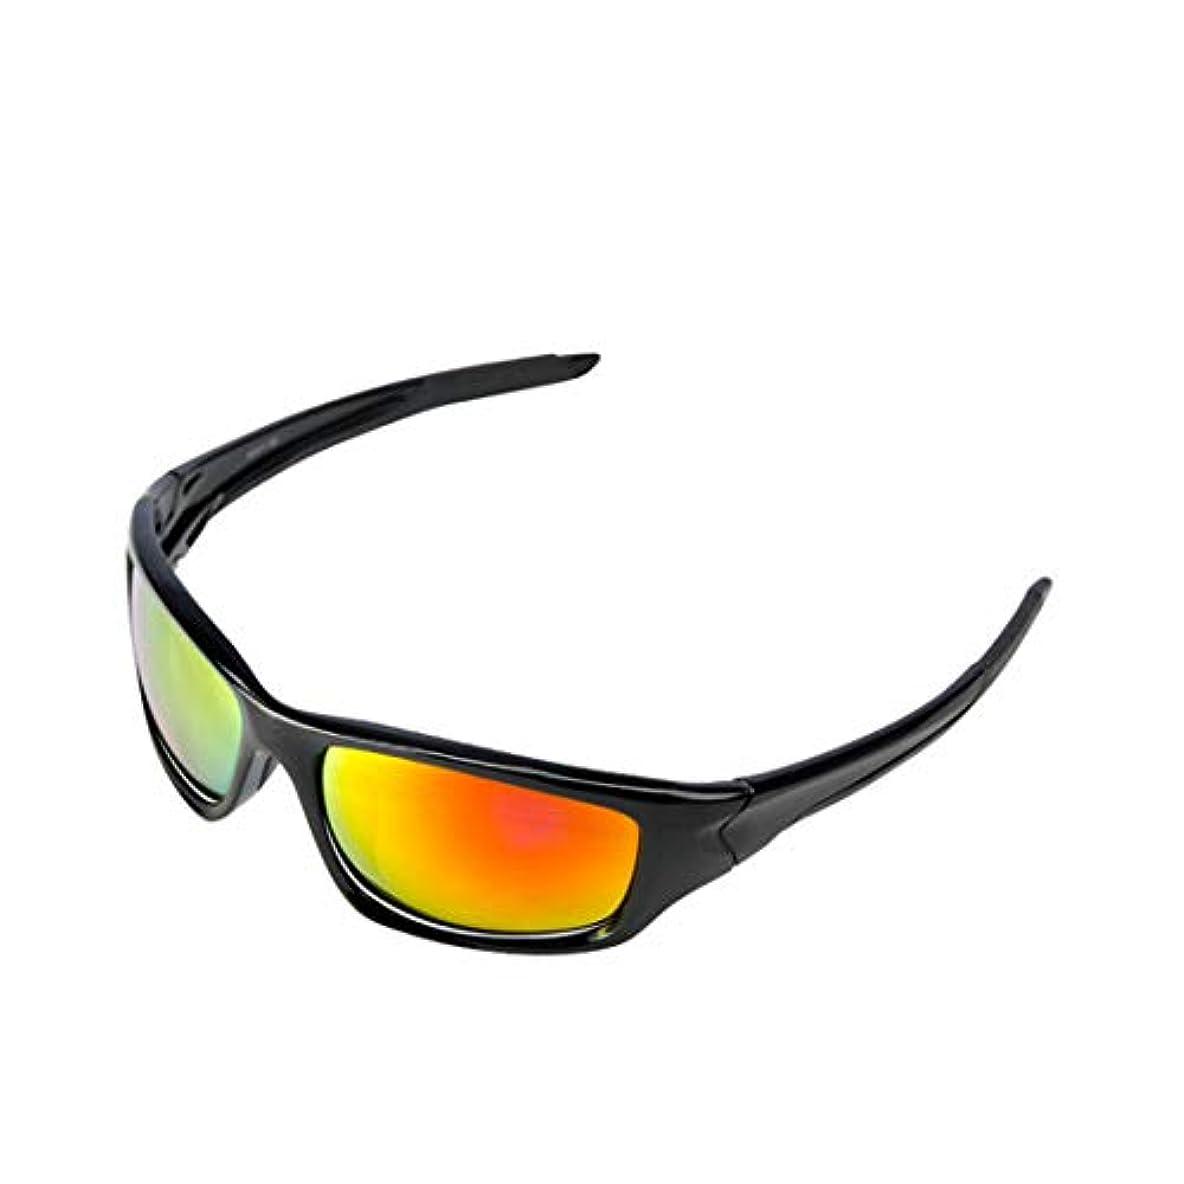 コレクションコードレスバーチャルサングラス 偏光スポーツサングラスPCフルフレーム耐久性滑り止め男性女性屋外海辺旅行釣り運転乗馬クライミングサングラス, ファッションサングラス